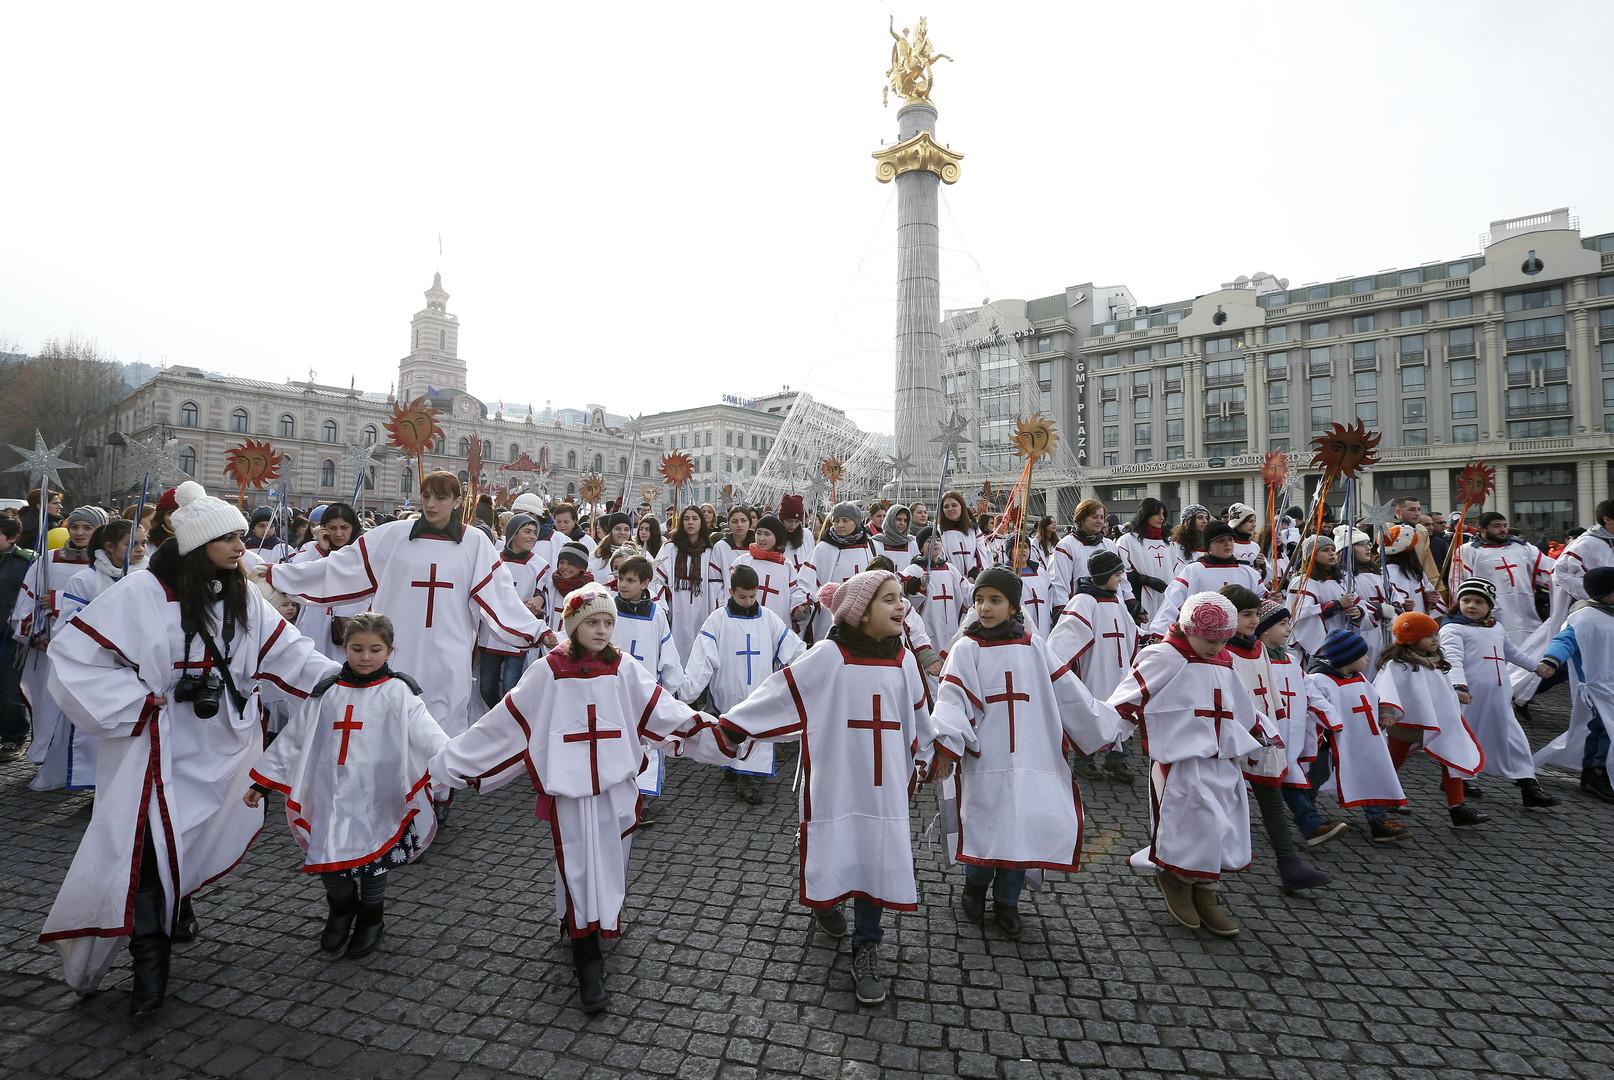 """Teilnehmer eines """"Alilo""""-Marsches, eine religiöse Prozession der Orthodoxen Kirche. Aufgenommen in Tbilisi, Georgien 7. January  2016."""